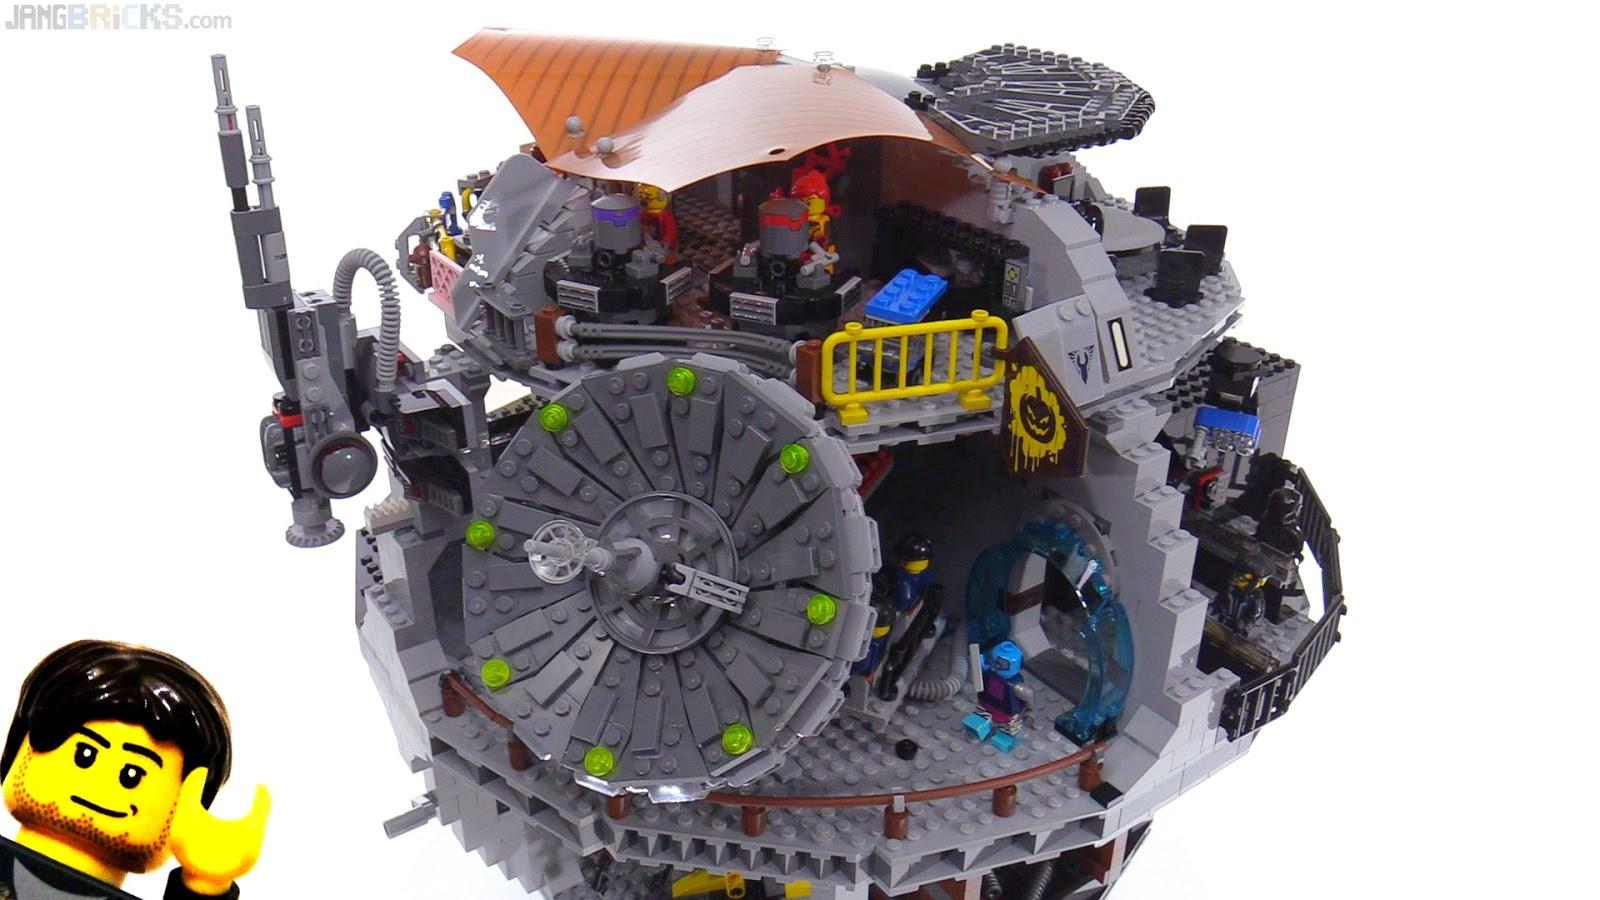 JANGBRiCKS LEGO reviews & MOCs: 2018